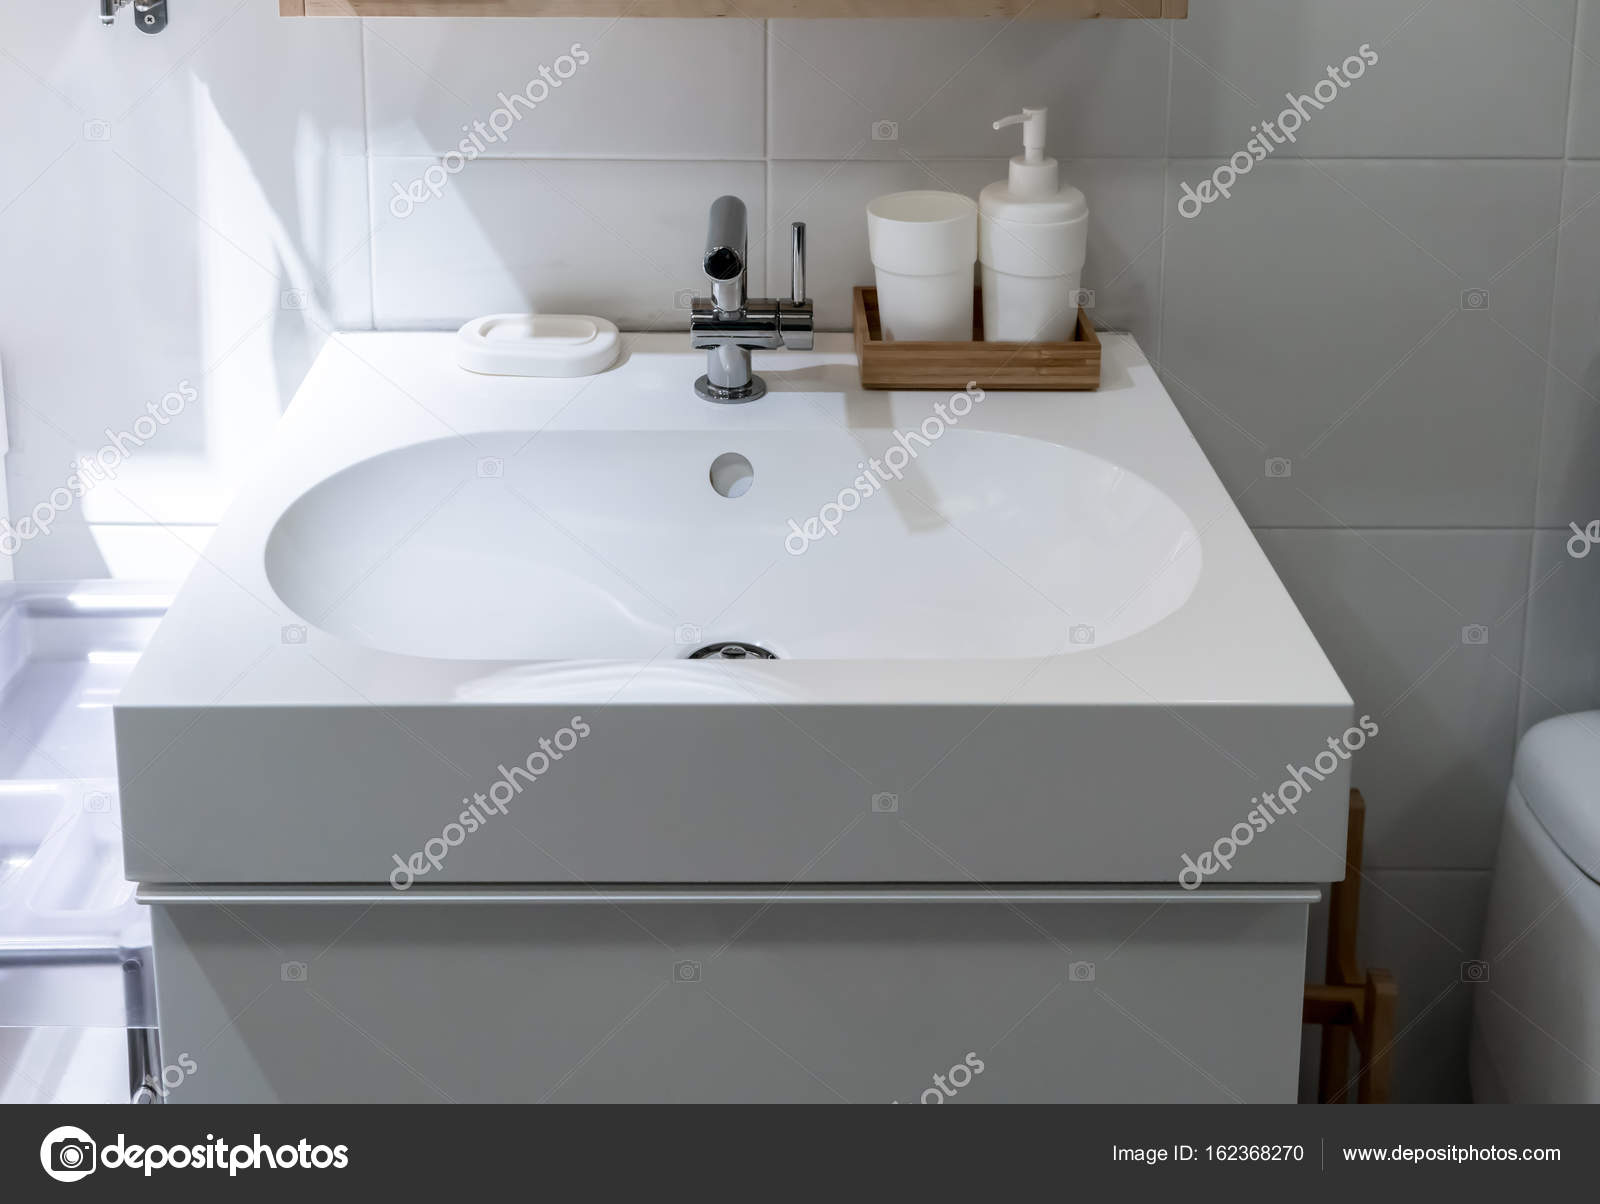 Vooraanzicht van een moderne mooie badkamer wastafel — Stockfoto ...